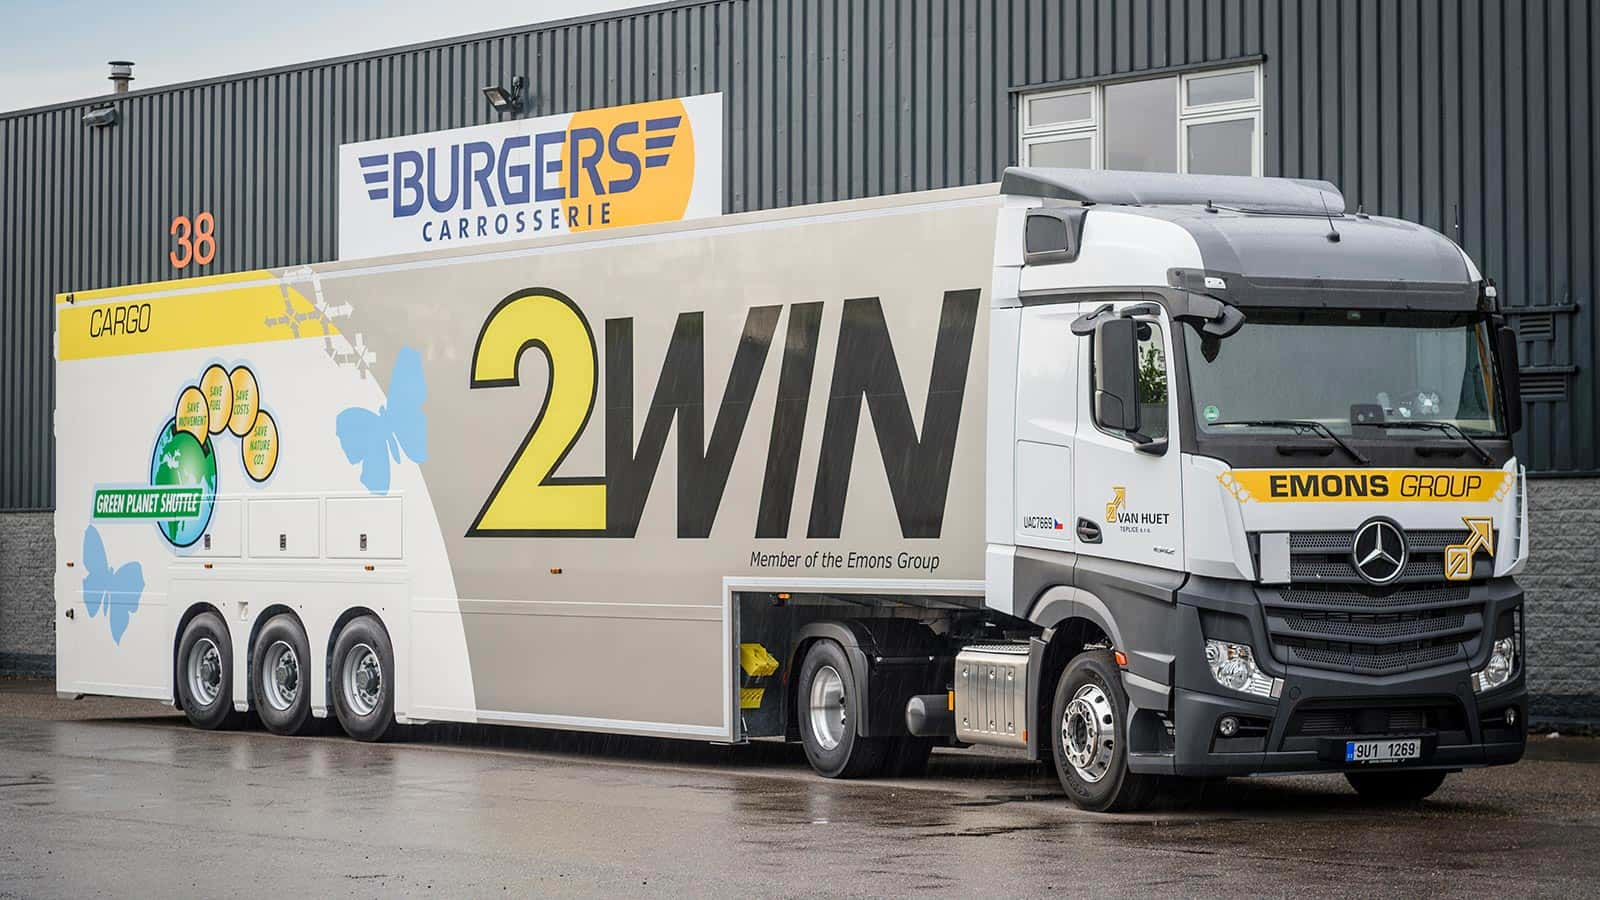 van riemsdijk Reklame - Burgers Carrosserie - Doubledeck Vrachtwagens- Emons group - 1600